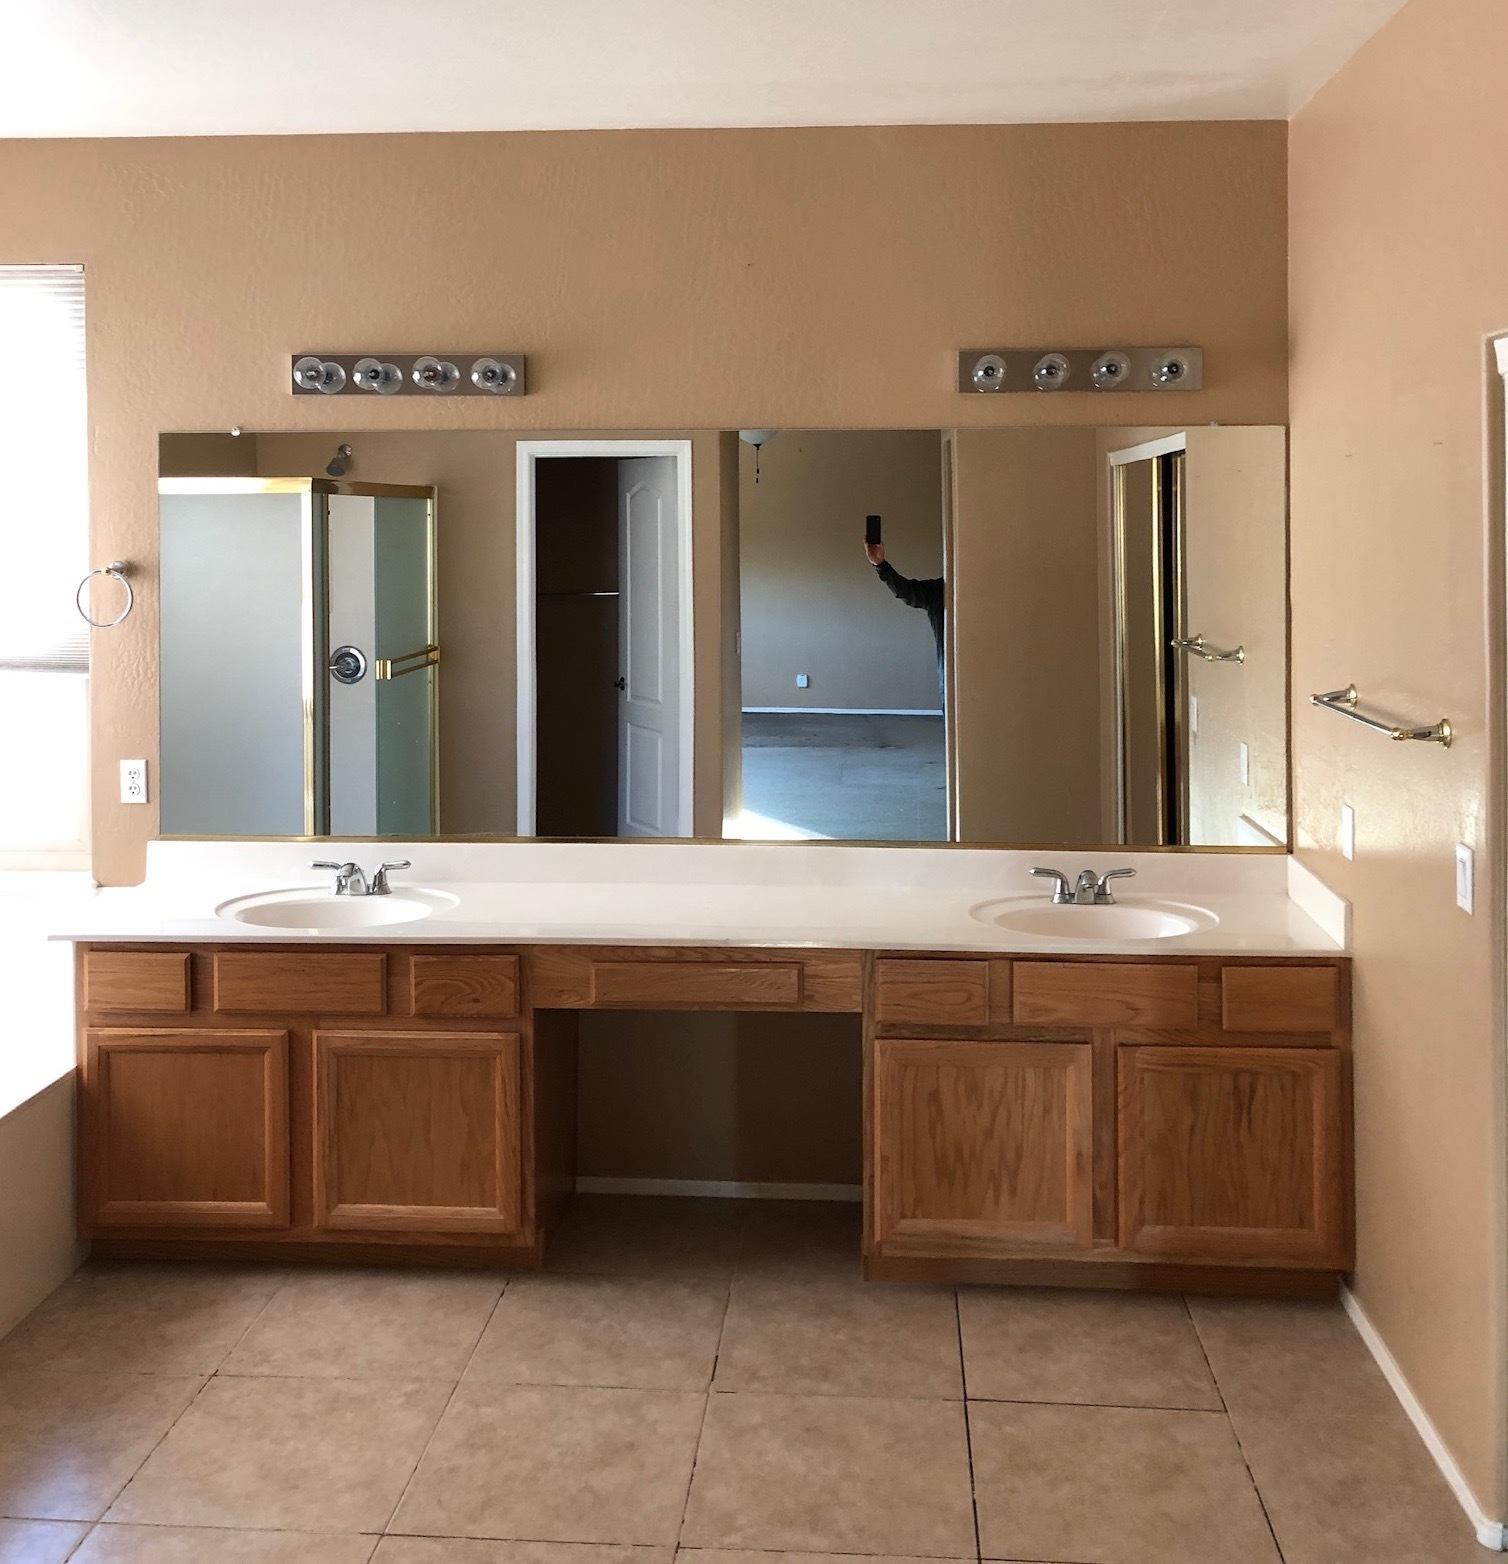 master bathroom vanity remodel Ahwatukee before